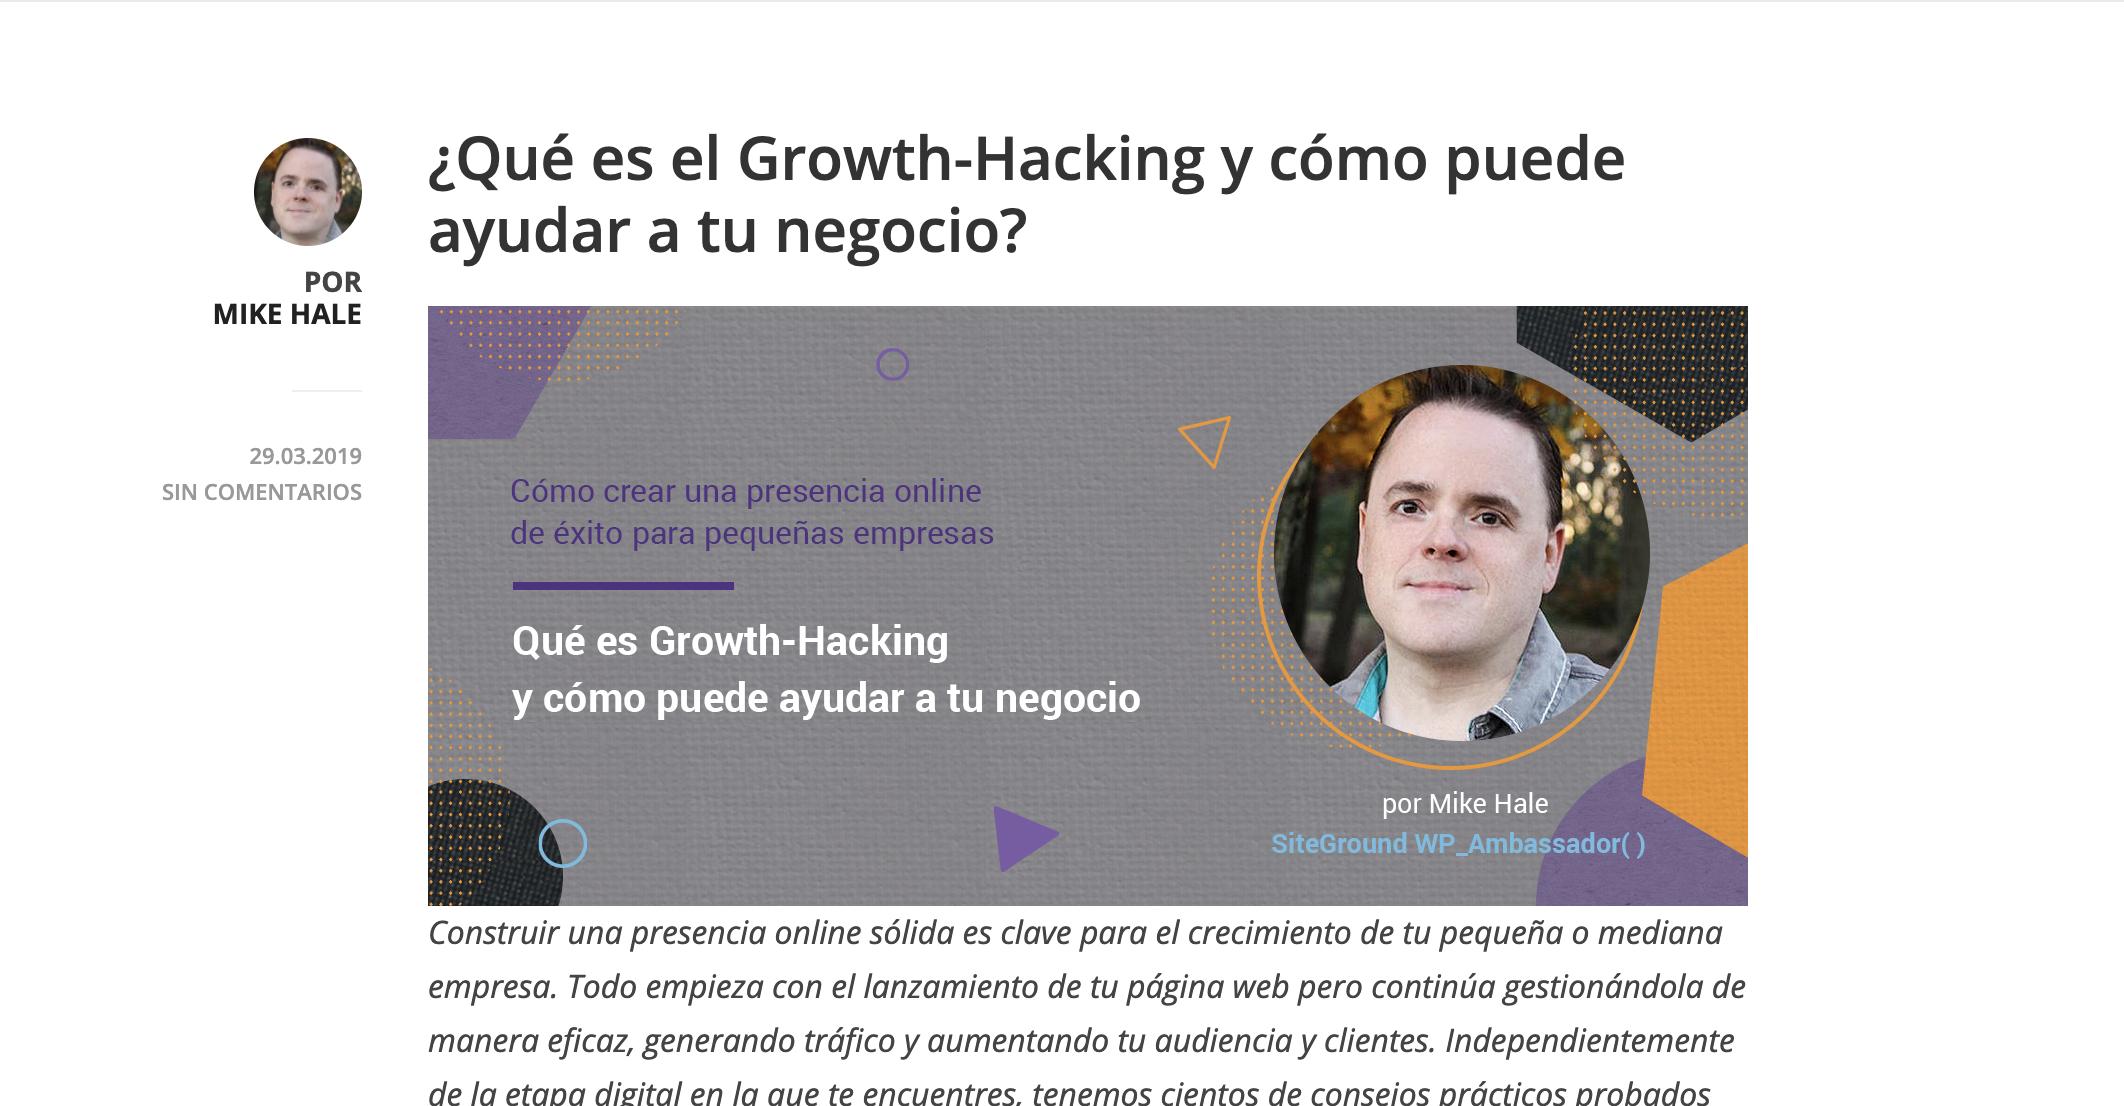 Ejemplo de contenido de valor - Via SiteGround en Espanñol